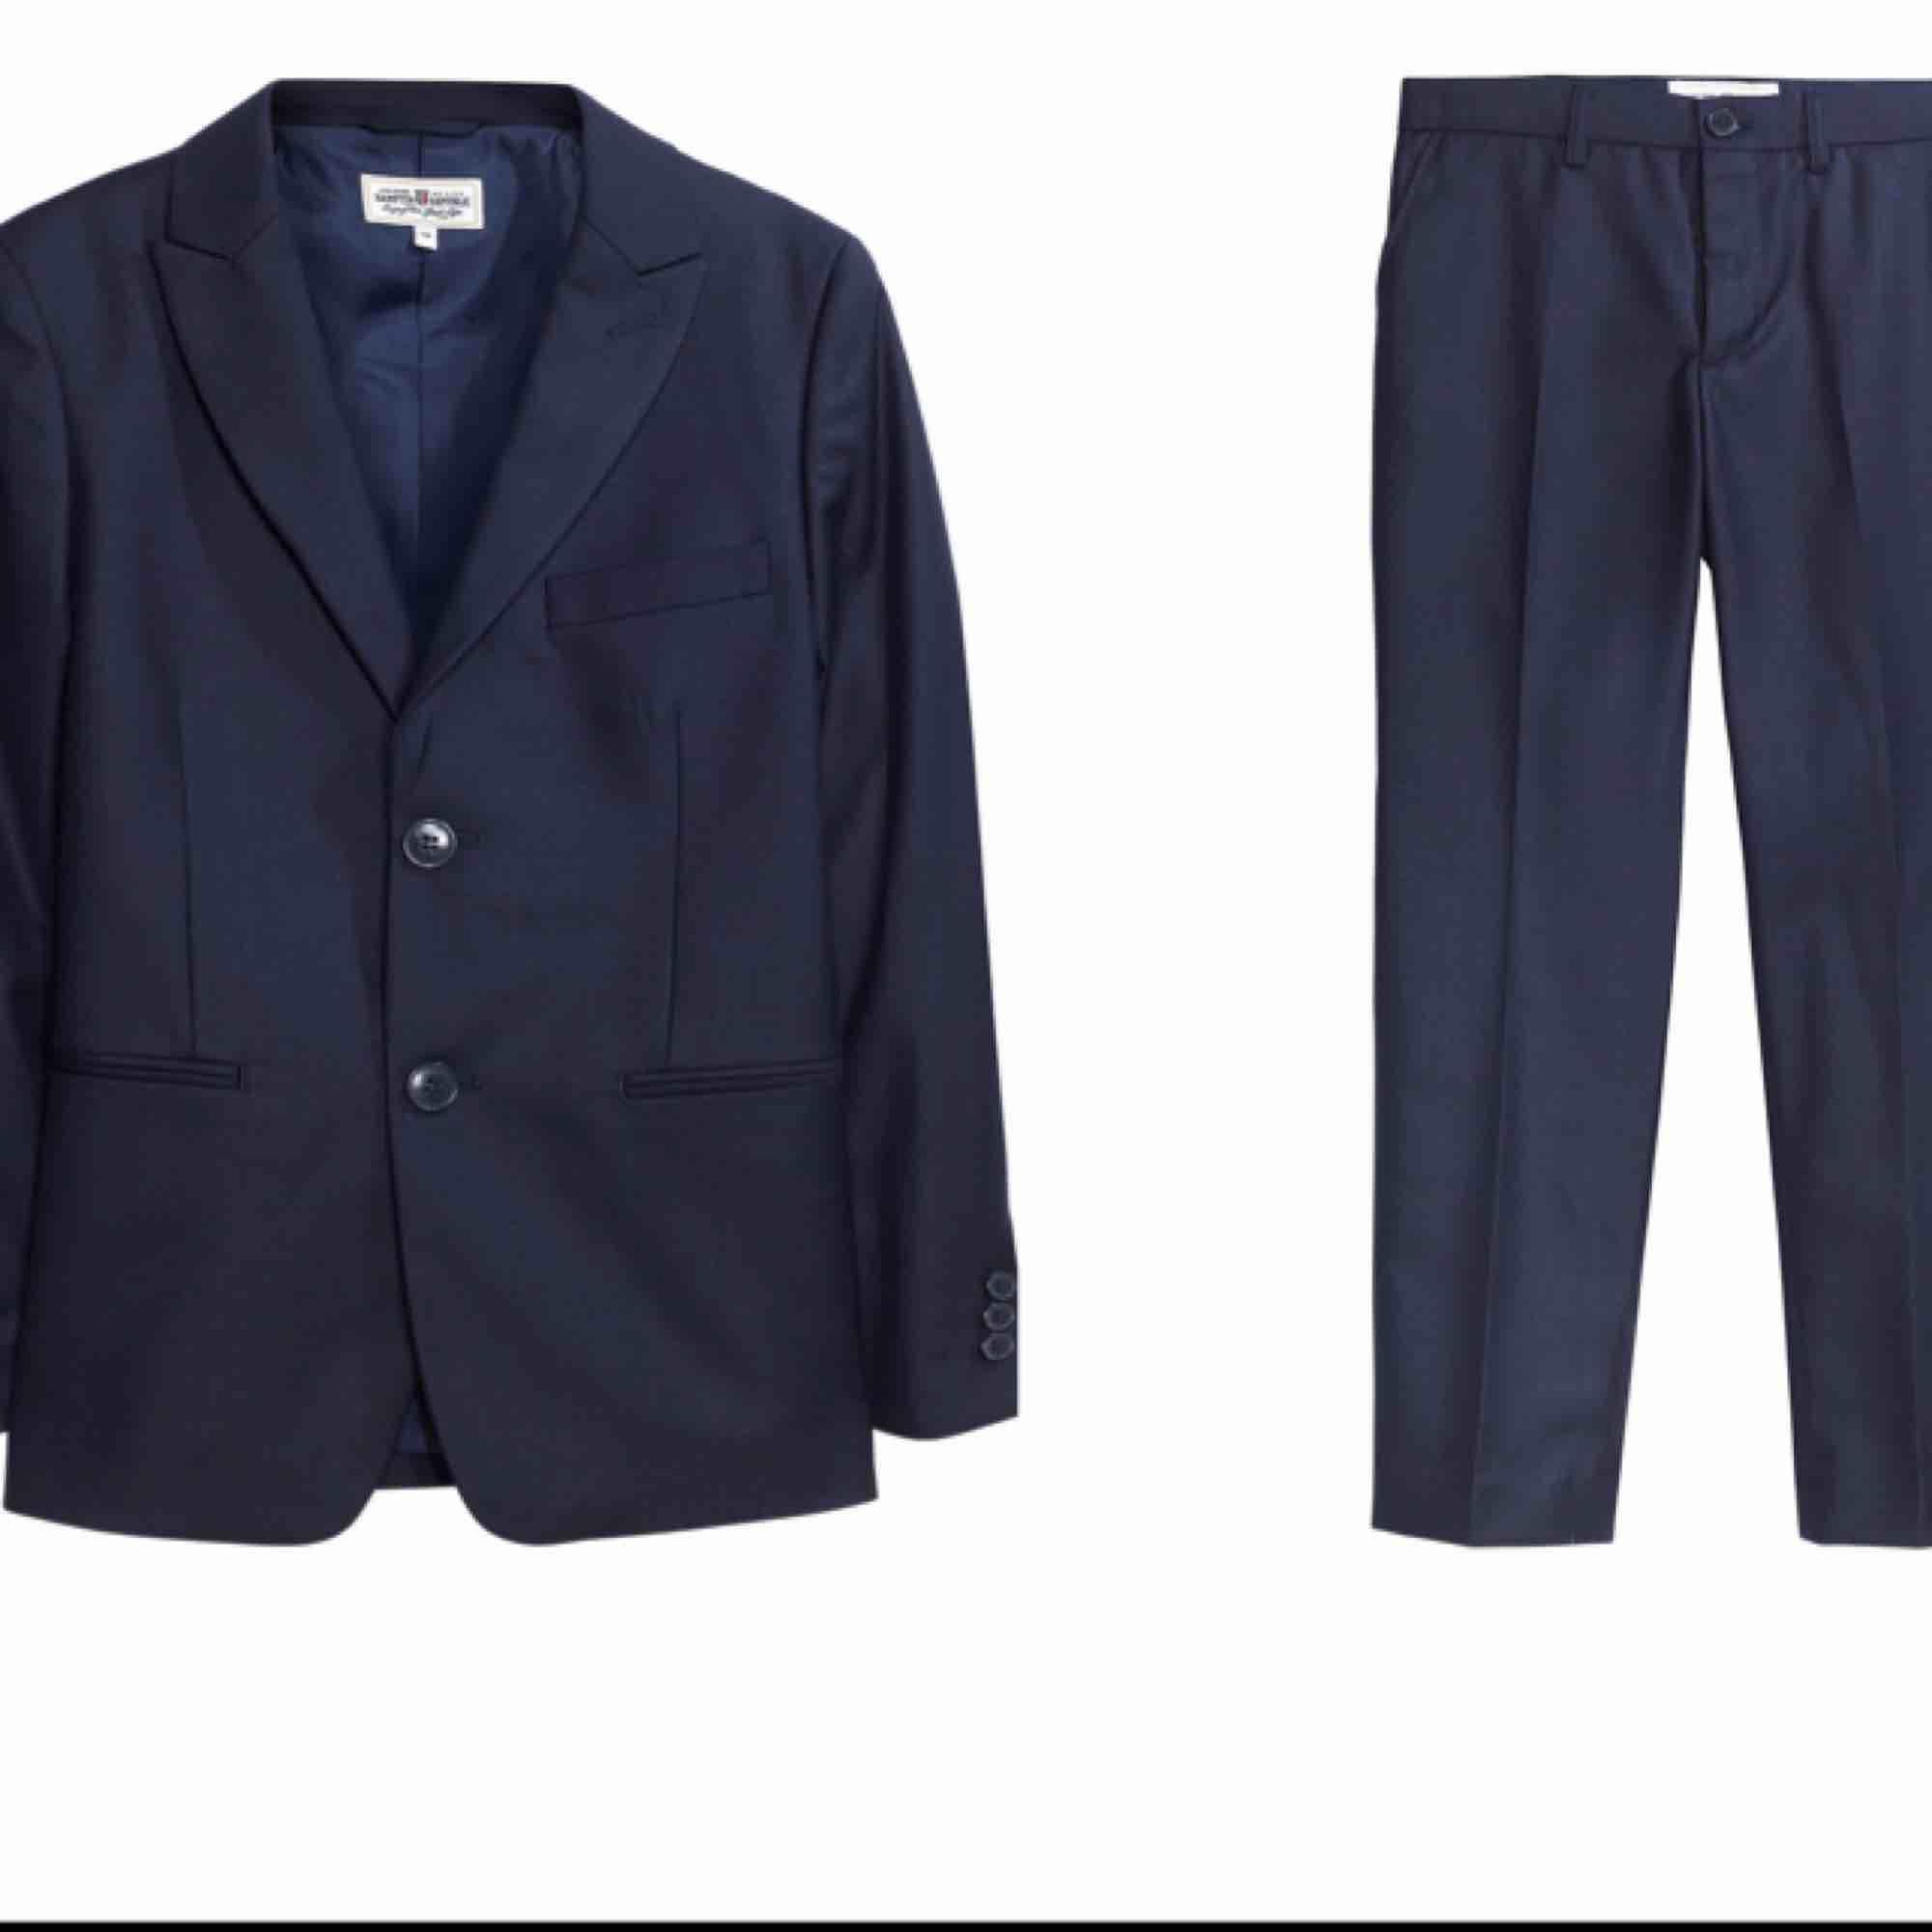 blazer + kostymbyxorna + Vitt skjorta  Säljes en blazer (Kavaj) tillsammans med matchande kostymbyxorna i marinblå färg + en Vitt Skjorta. var köpta på Kappahl och användes bara en gång  Kappahl pris: 897 kr Allt säljes för 450 kr. Kostymer.